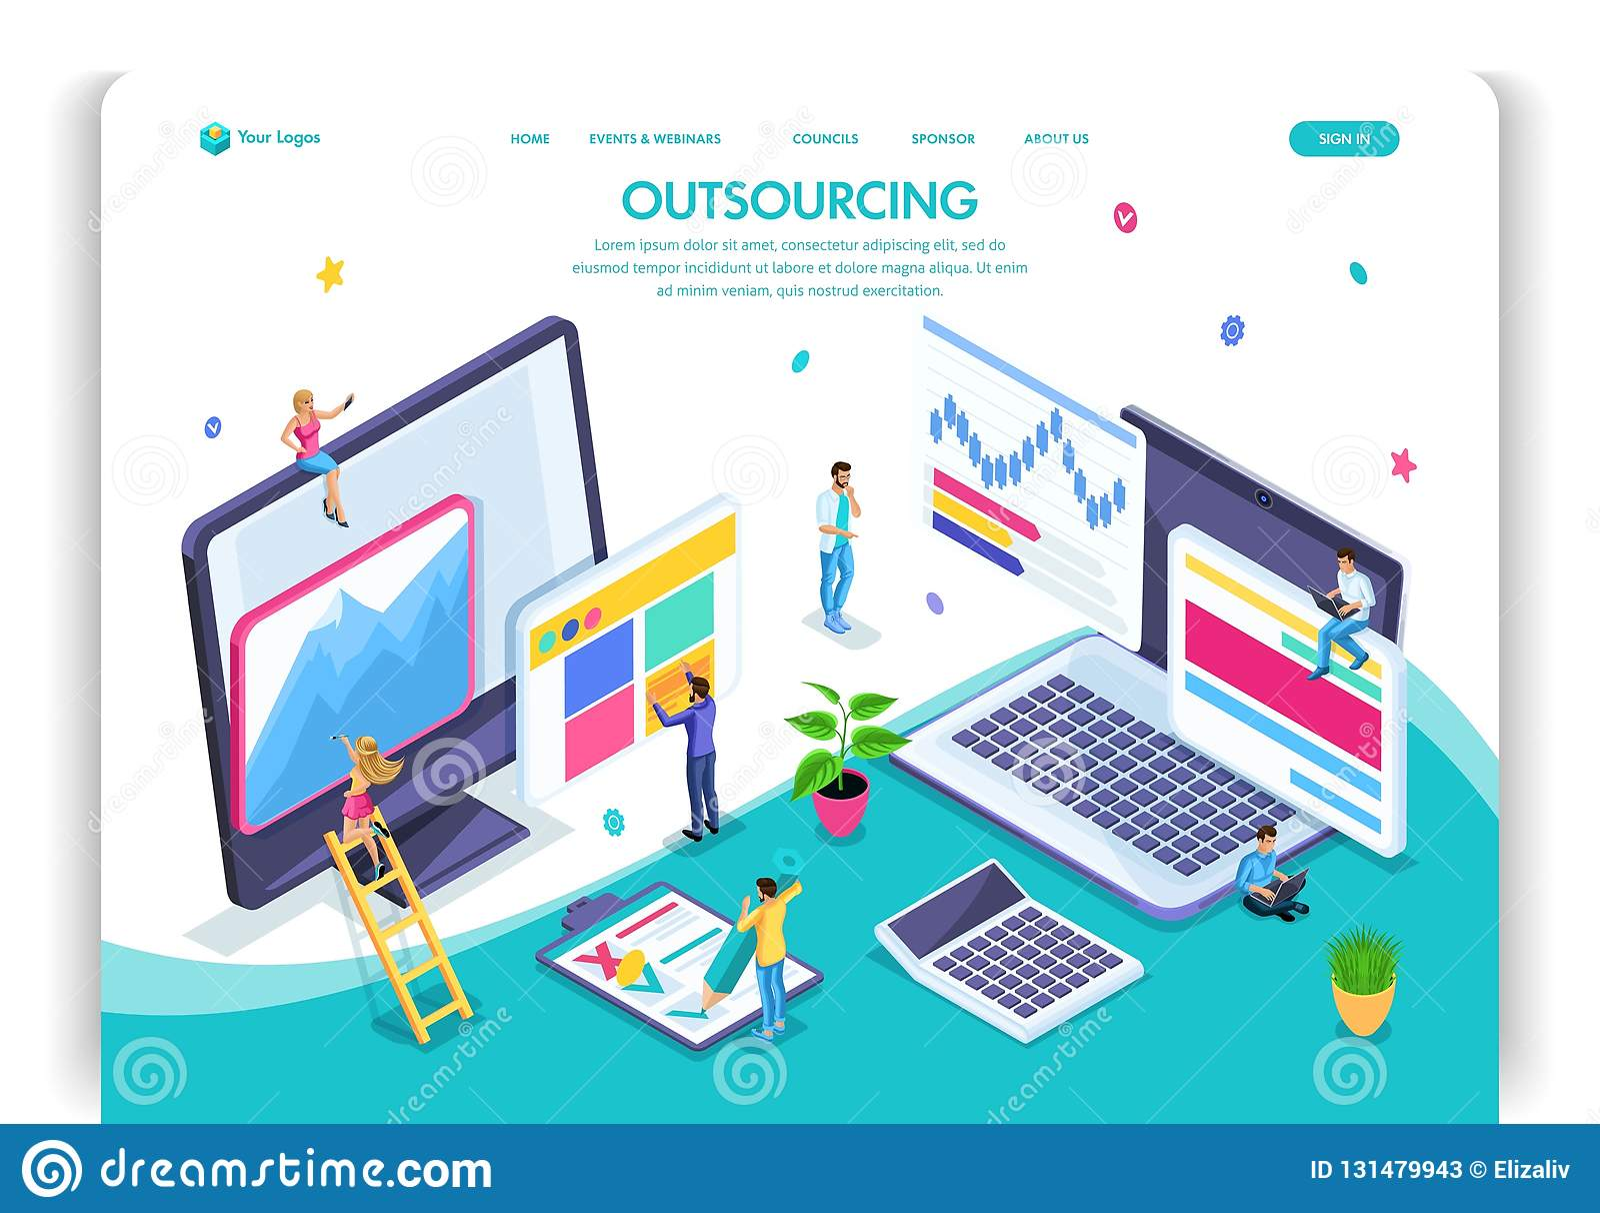 可用的设计eps8格式化jpeg模板网站 等量概念采购 雇用一名遥远的雇员,设计师,程序员,撰稿人